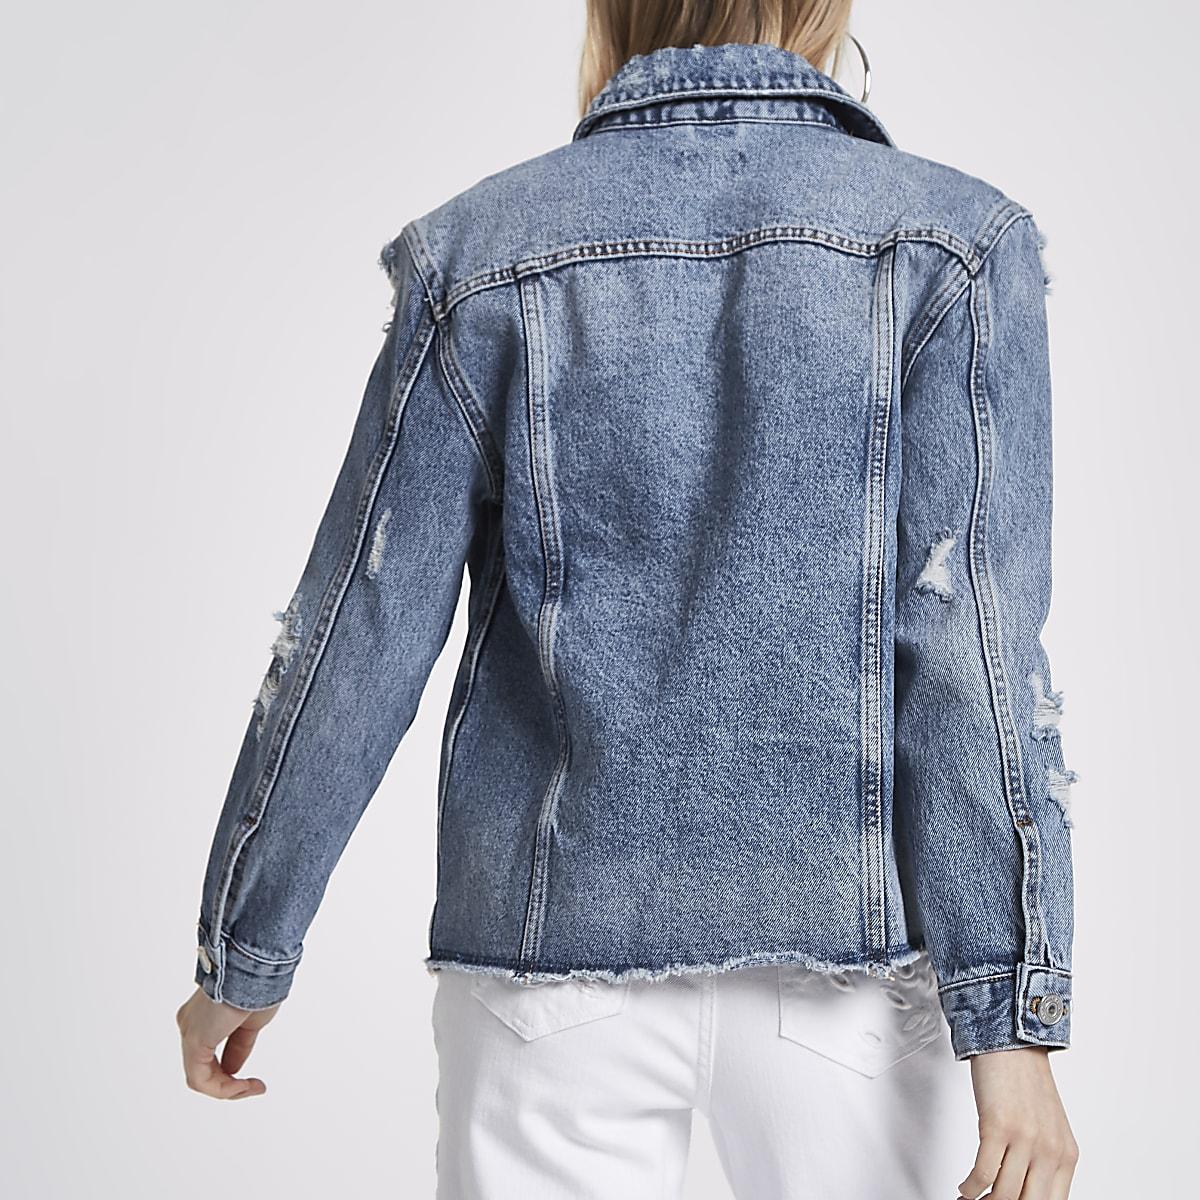 e175cdcf5b Petite mid blue oversized denim jacket - Jackets - Coats   Jackets ...